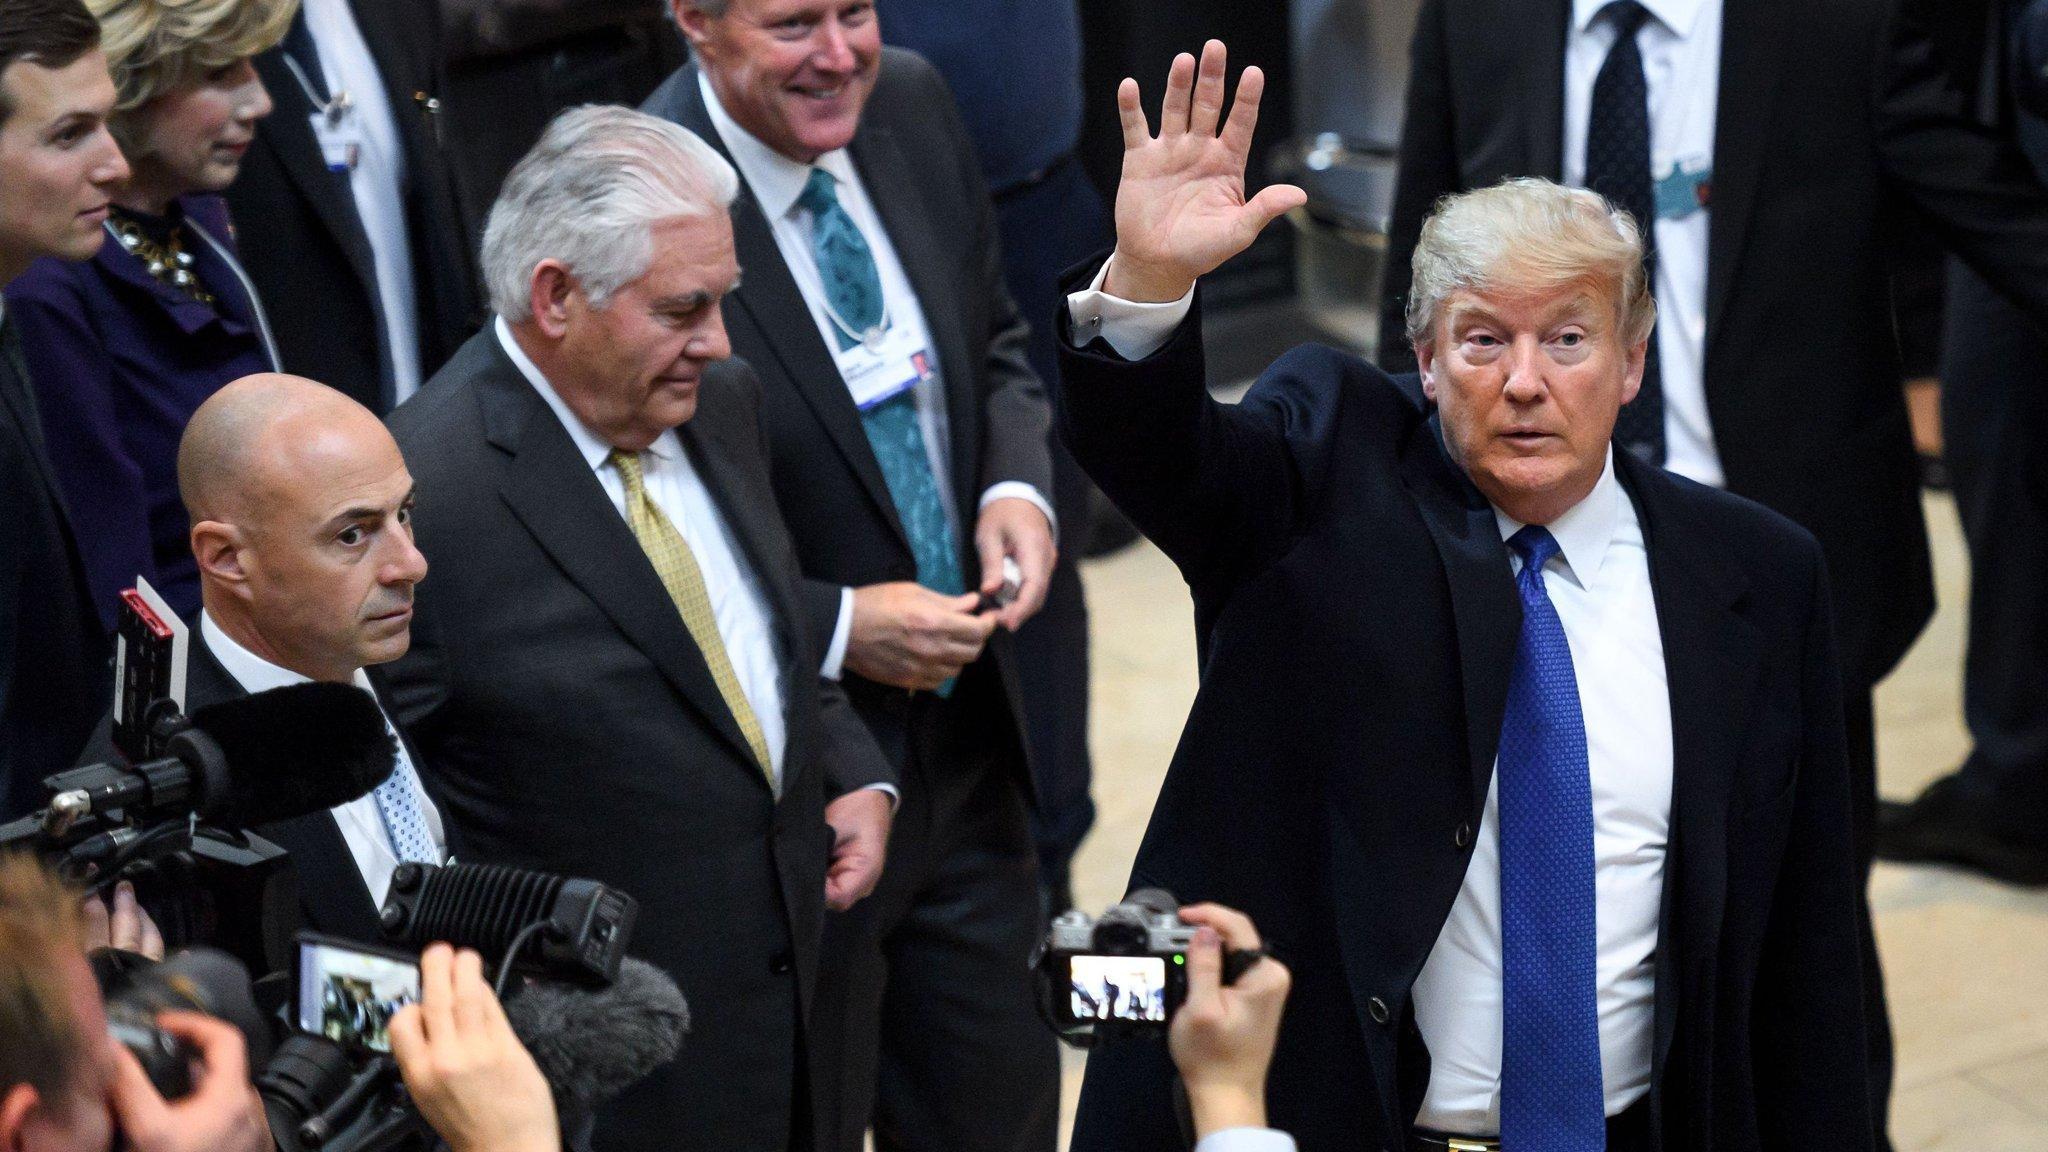 Trump opens door to US rejoining TPP